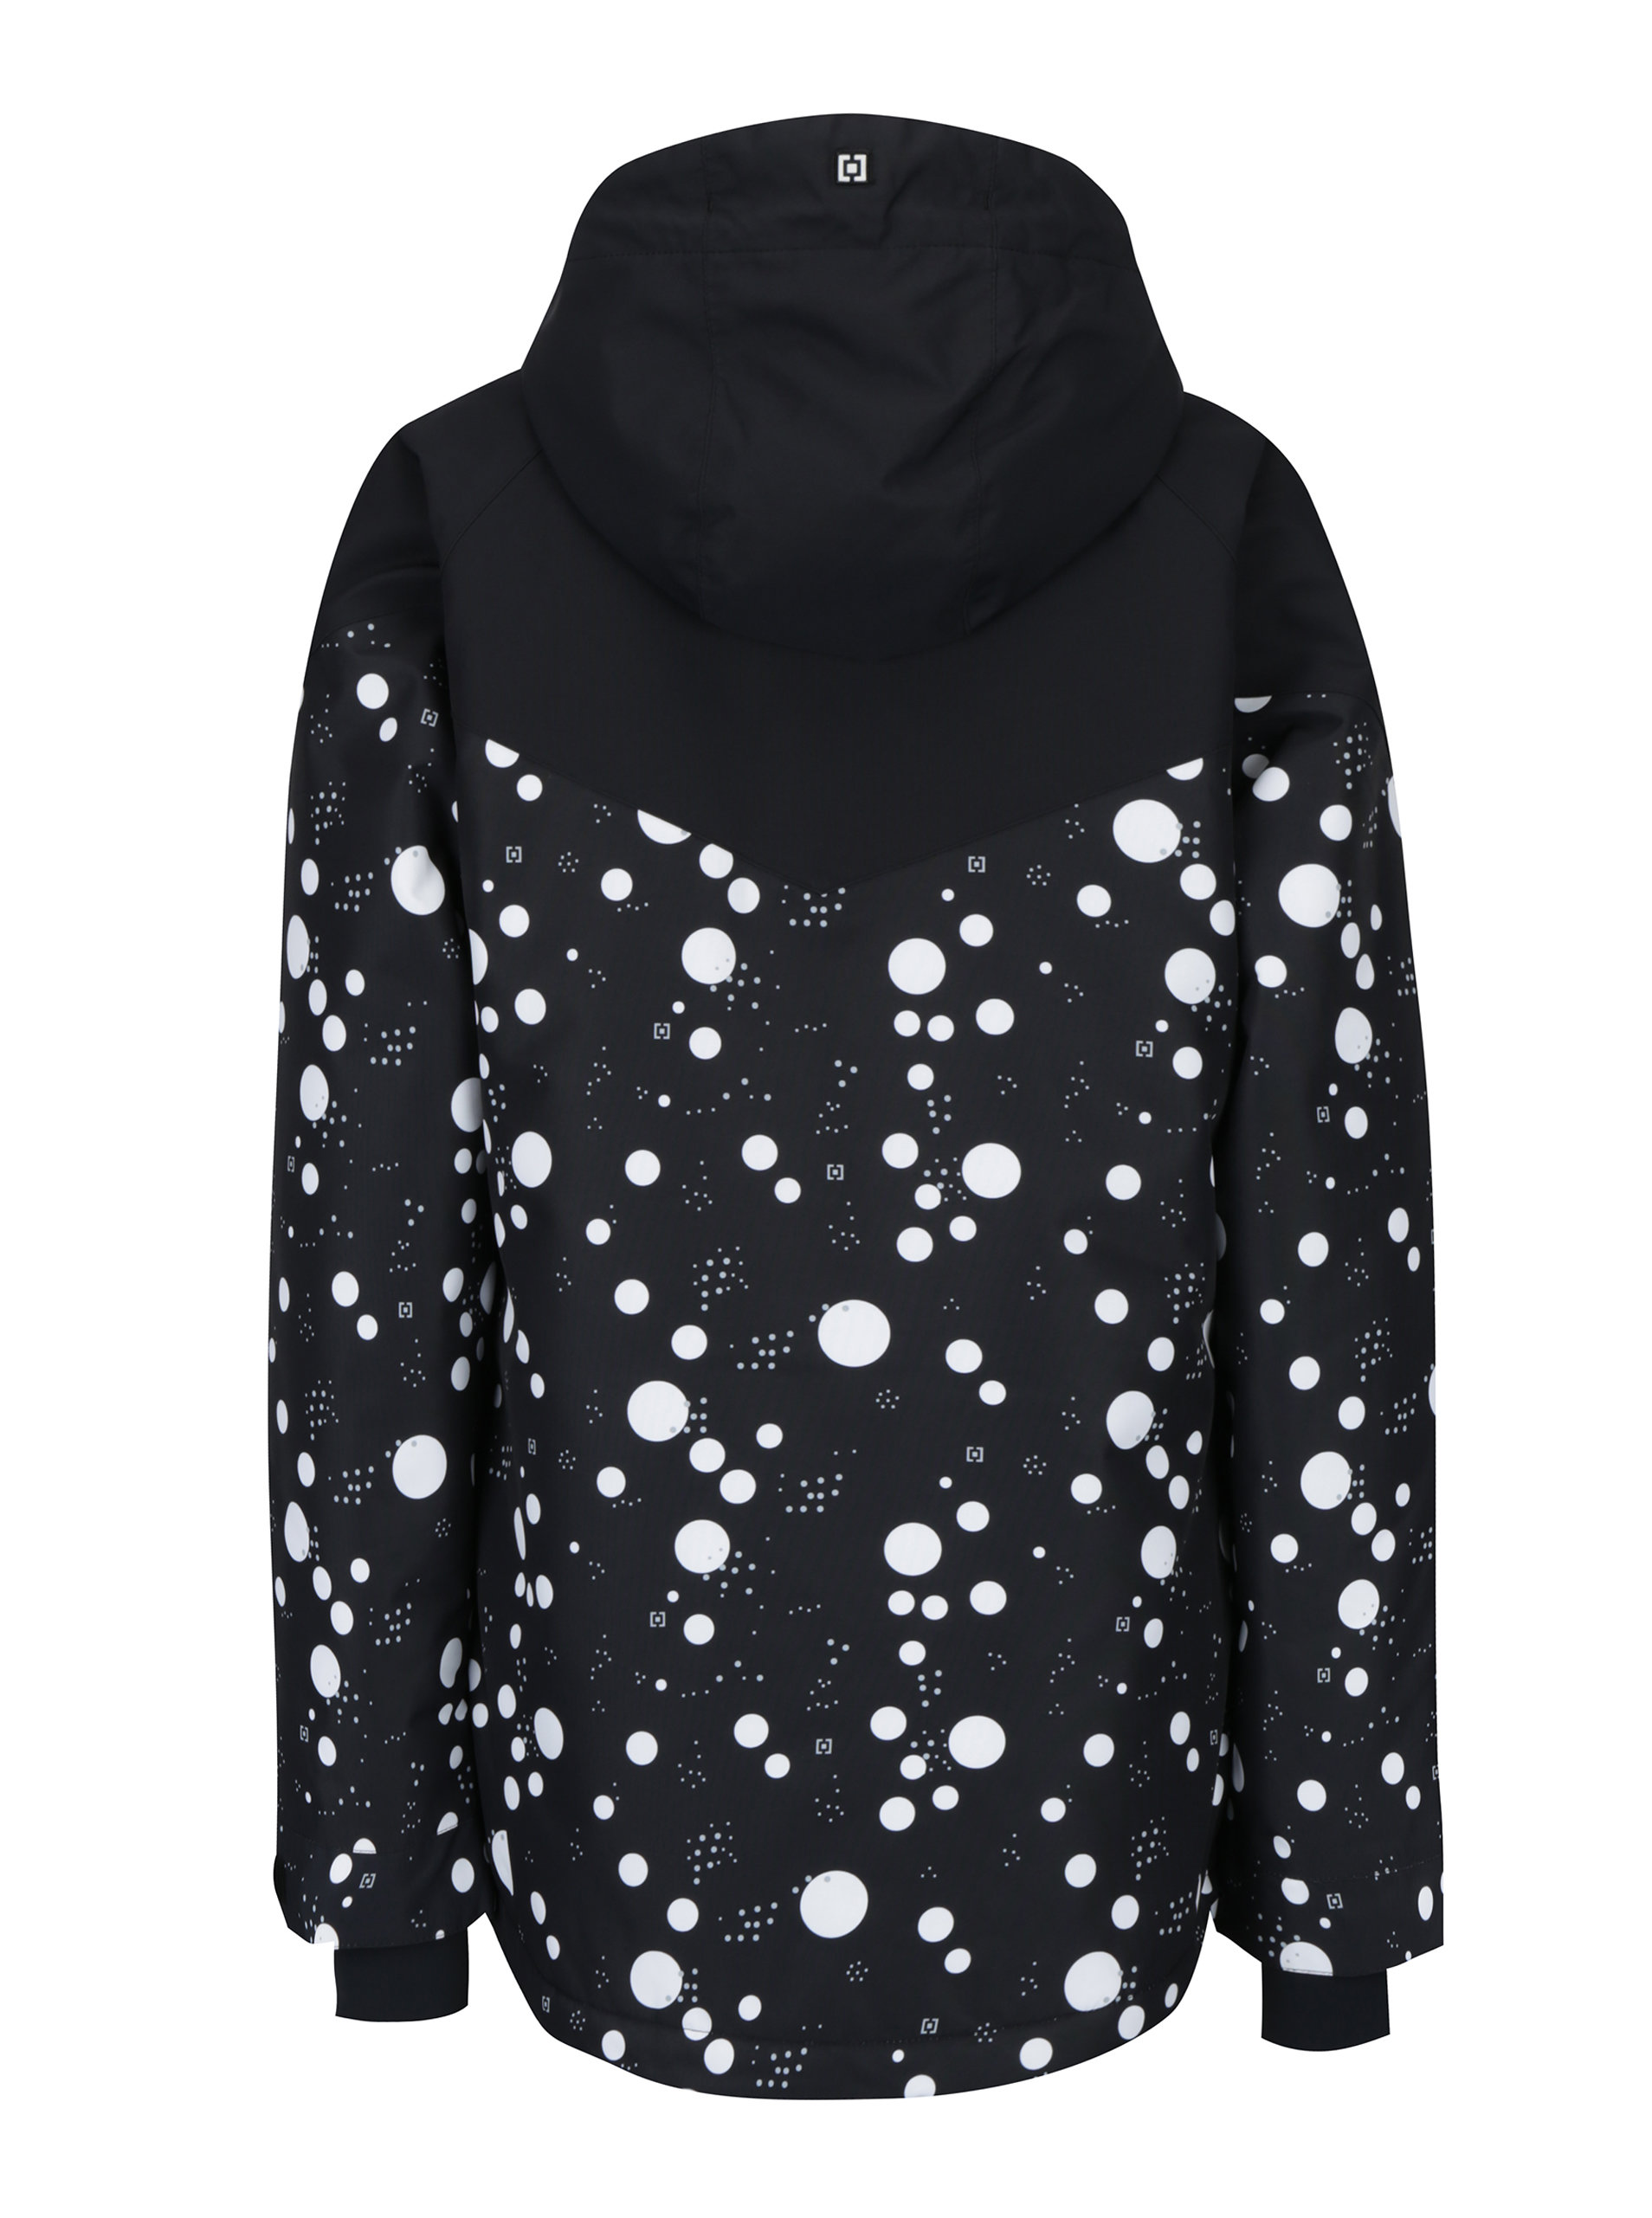 Bielo-čierna dámska bodkovaná zimná bunda Horsefeathers Fay ... 2a85ccca55f